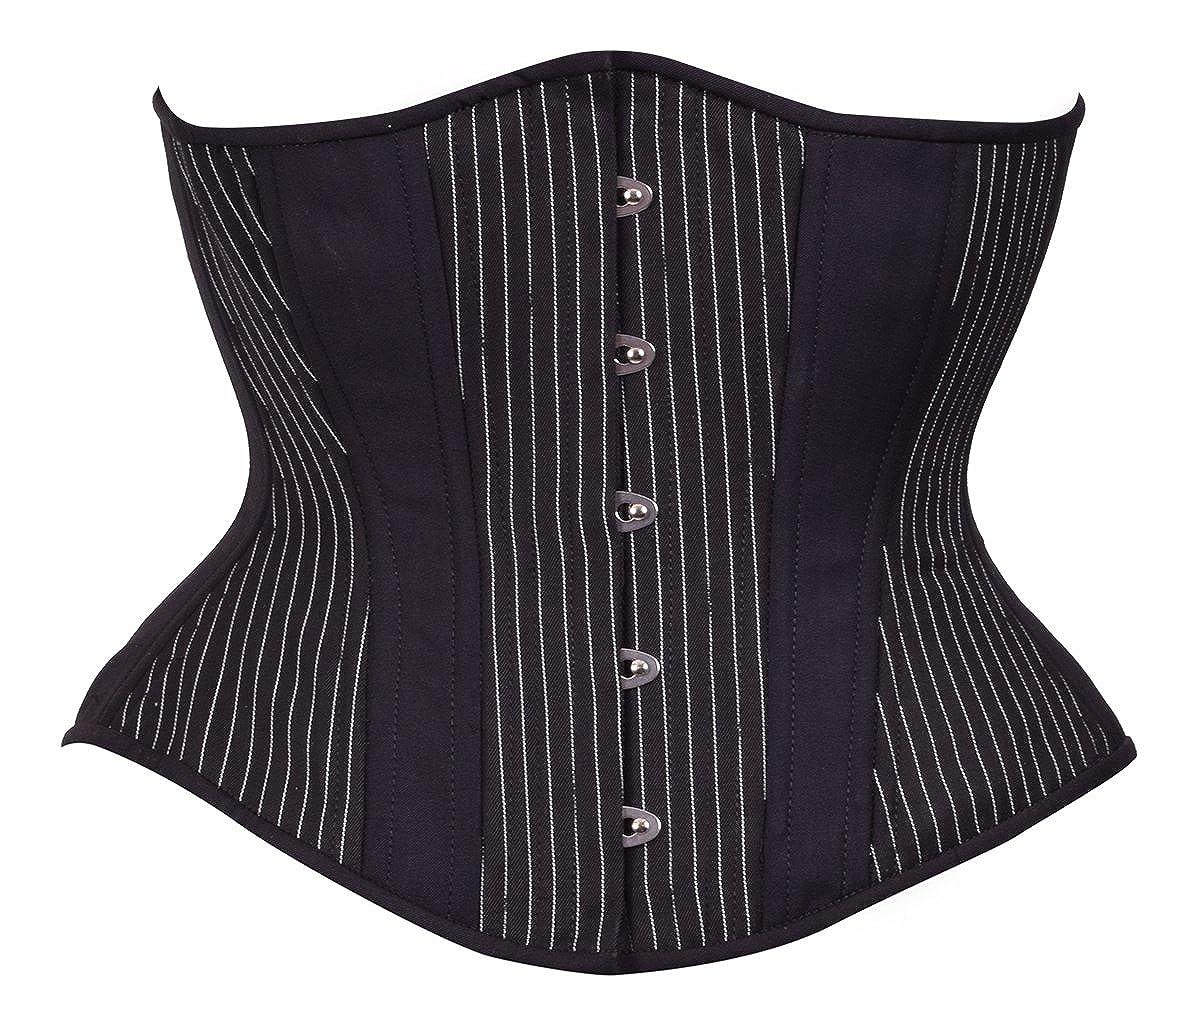 Timeless Trends Womens Steel Boned Waist Training Hourglass Corset TT-HG-R-$P